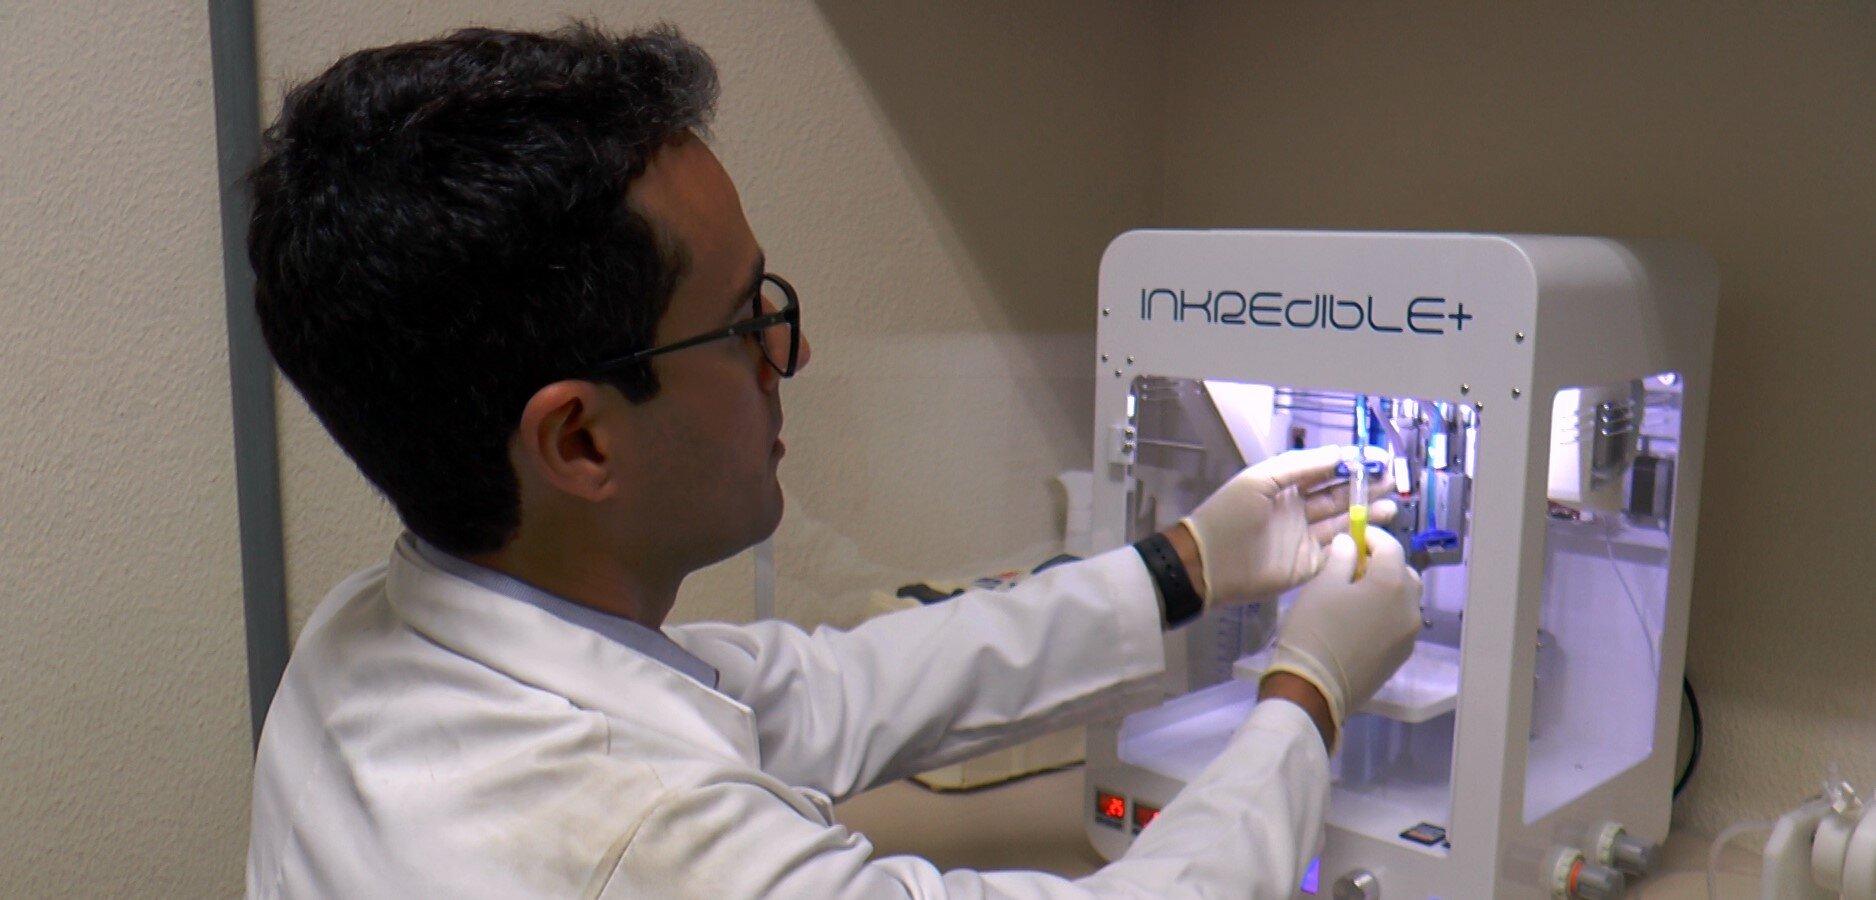 肝臓の全機能をもった「ミニ肝臓」を3Dプリンタで作ることに成功の画像 1/3